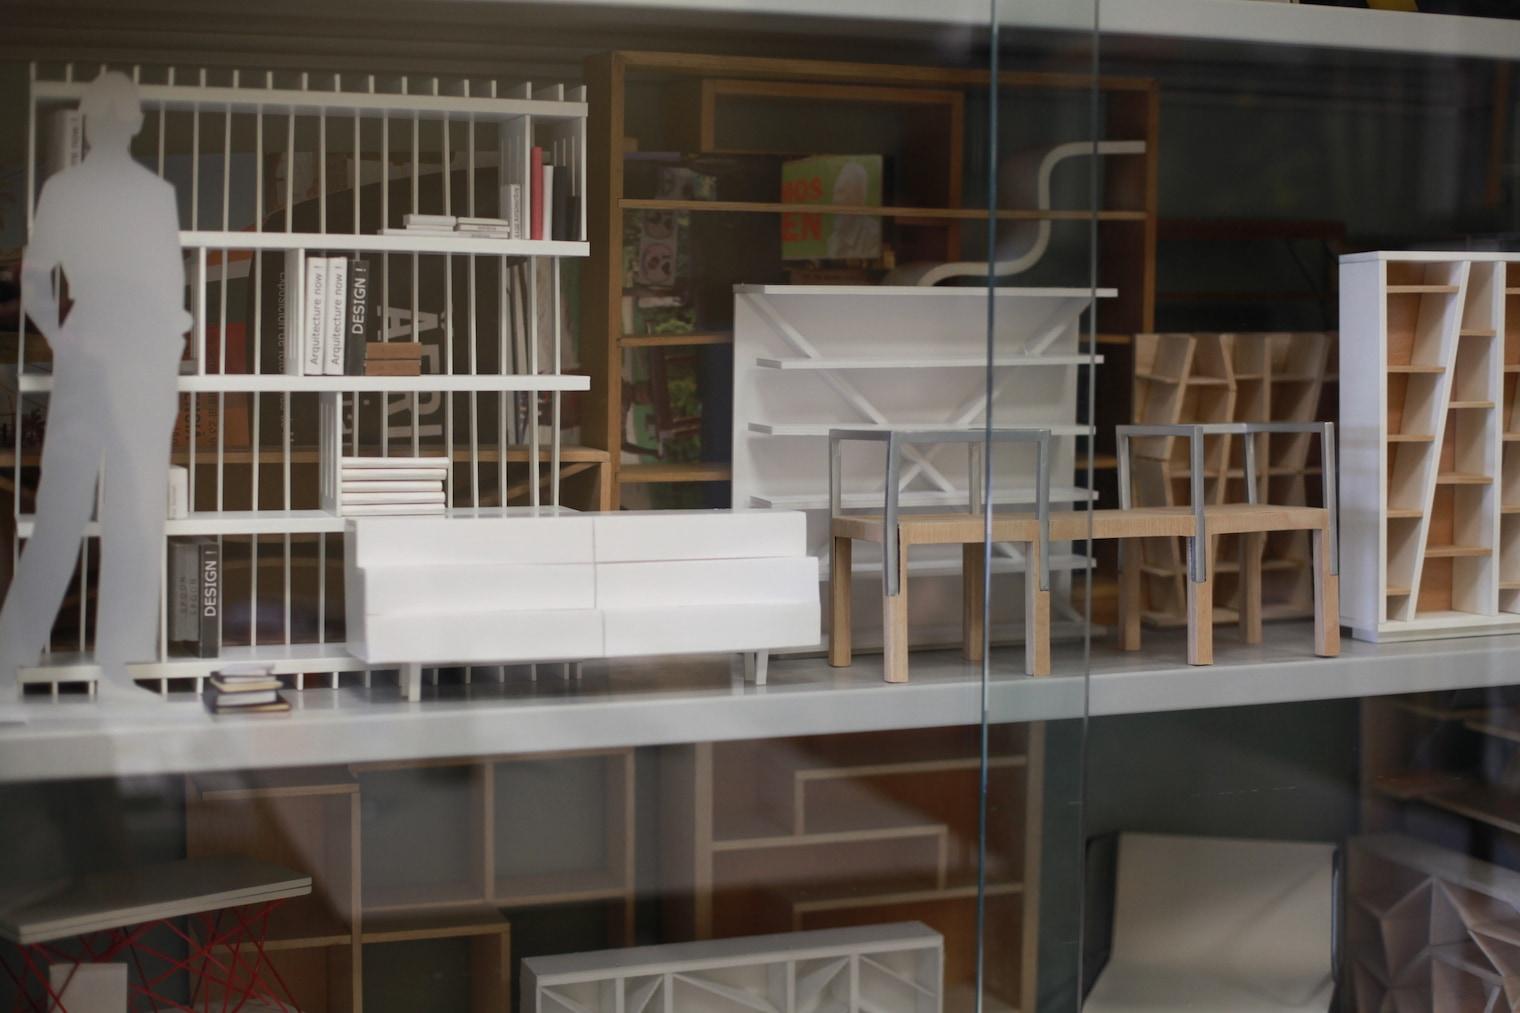 Directorio Escuelas Archivos Diariodesign Com ~ Escuela Superior De Diseño De Valencia